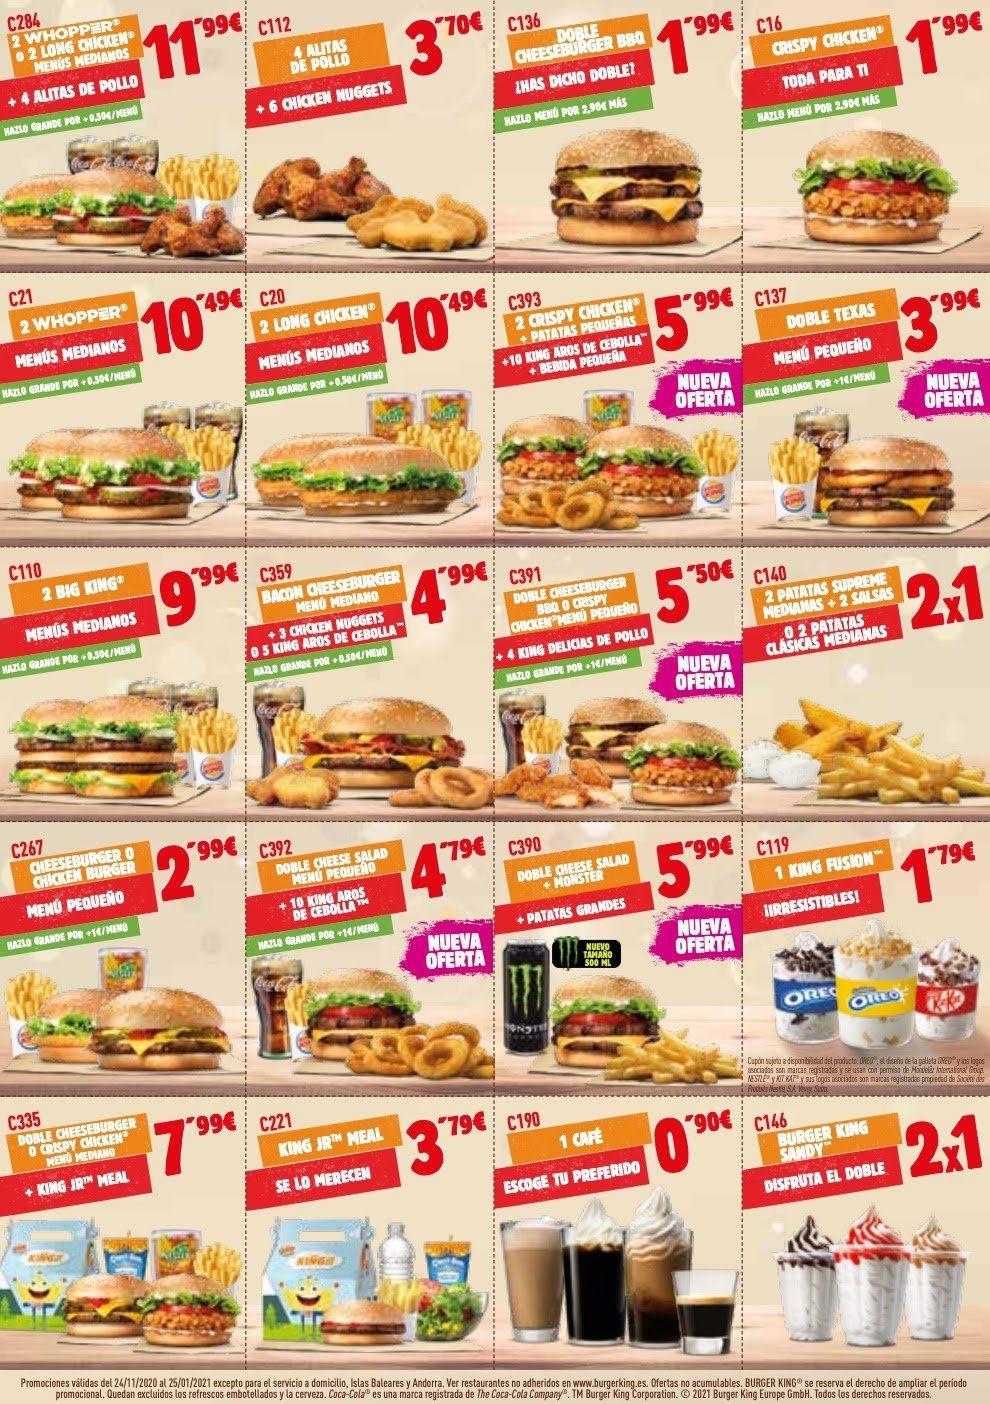 Códigos de descuento Burger King [Actualizado a abril 2021]